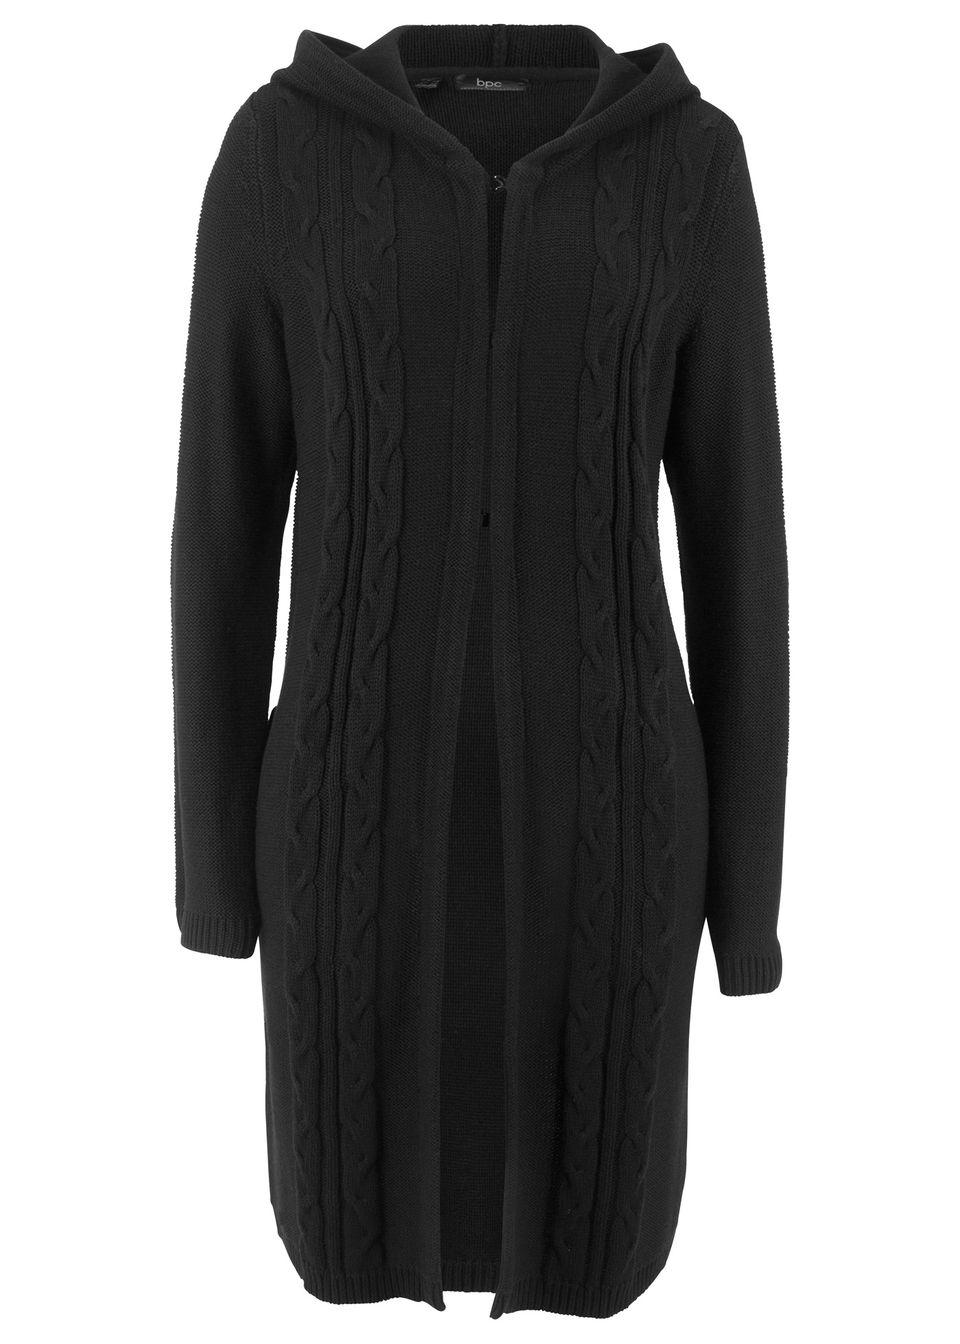 Jachetă lungă tricotată cu glugă bonprix de la bpc bonprix collection